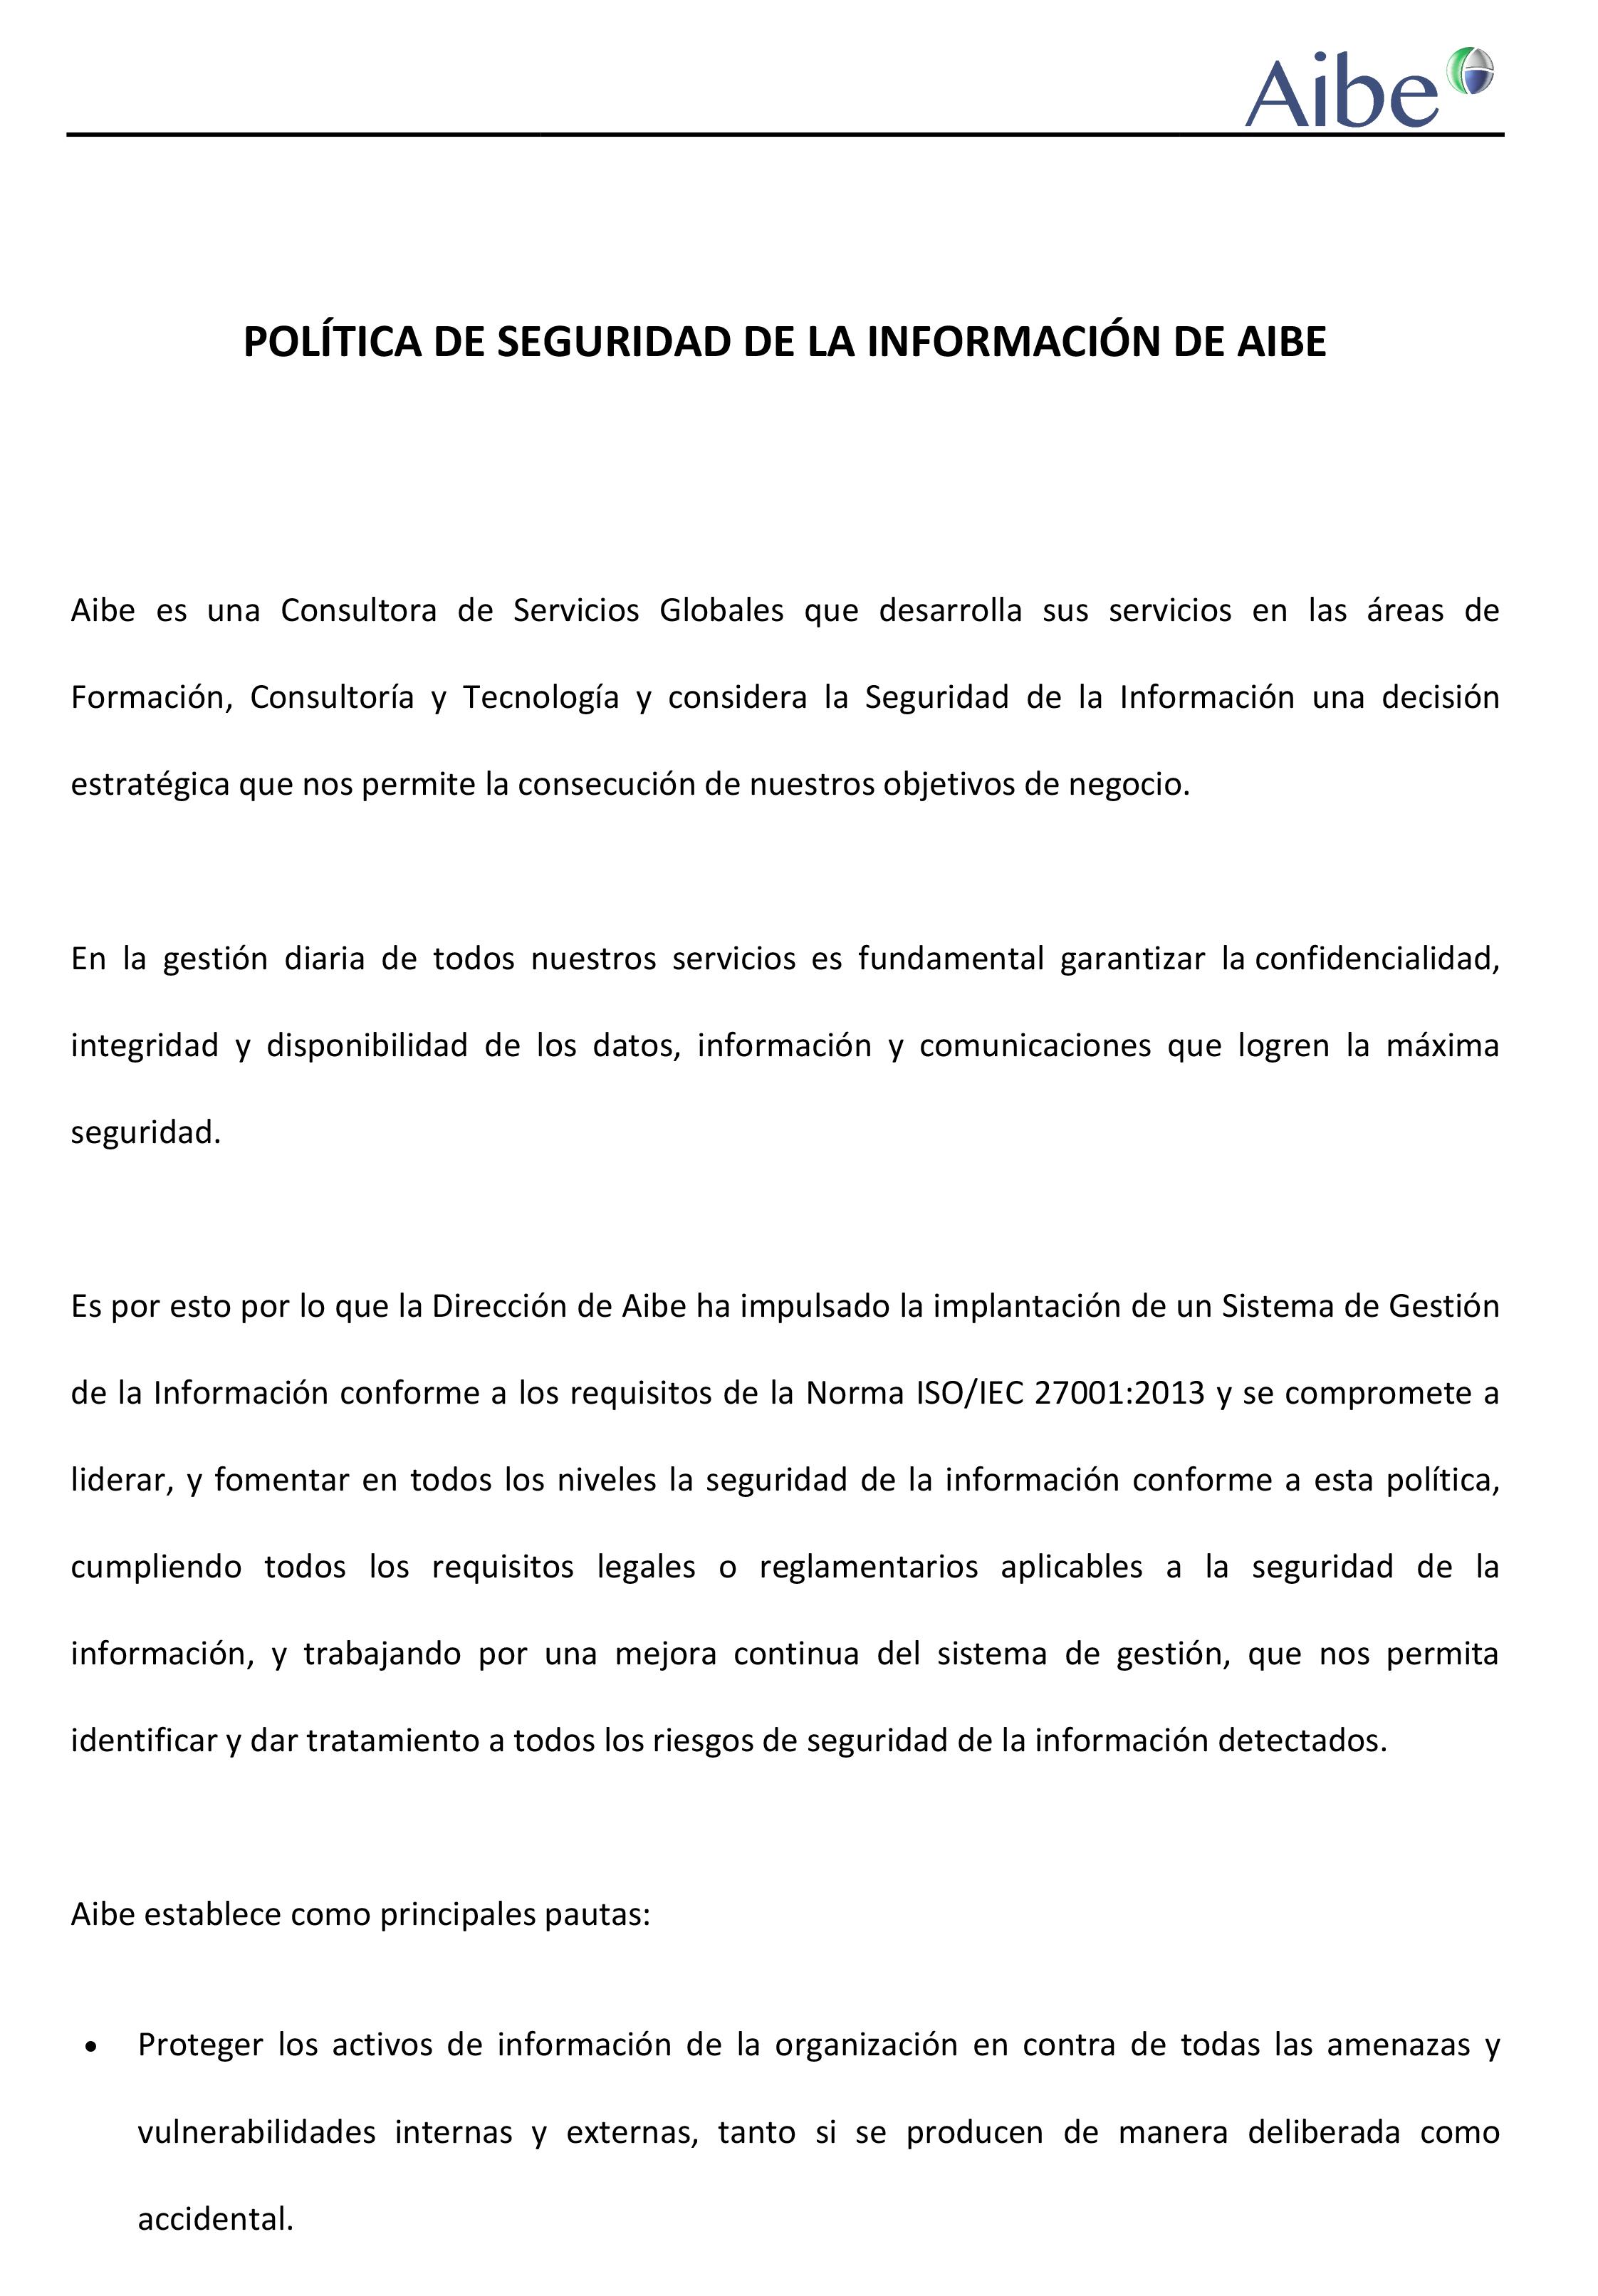 https://www.aibegroup.com/wp-content/uploads/2021/04/POLÍTICA_SEGURIDAD_DE_LA_INFORMACION_AIBE.jpg